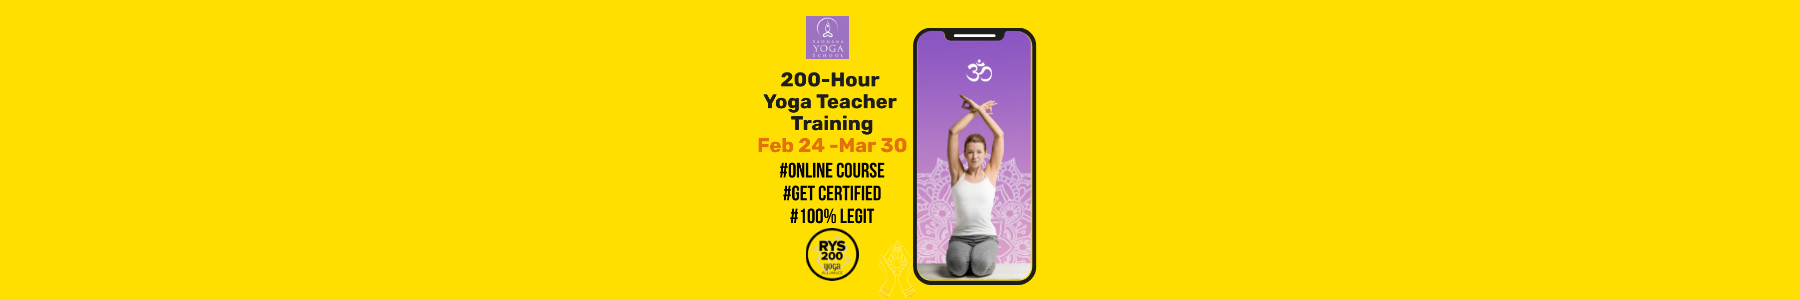 200-Hour Online Yoga Teacher Trainings